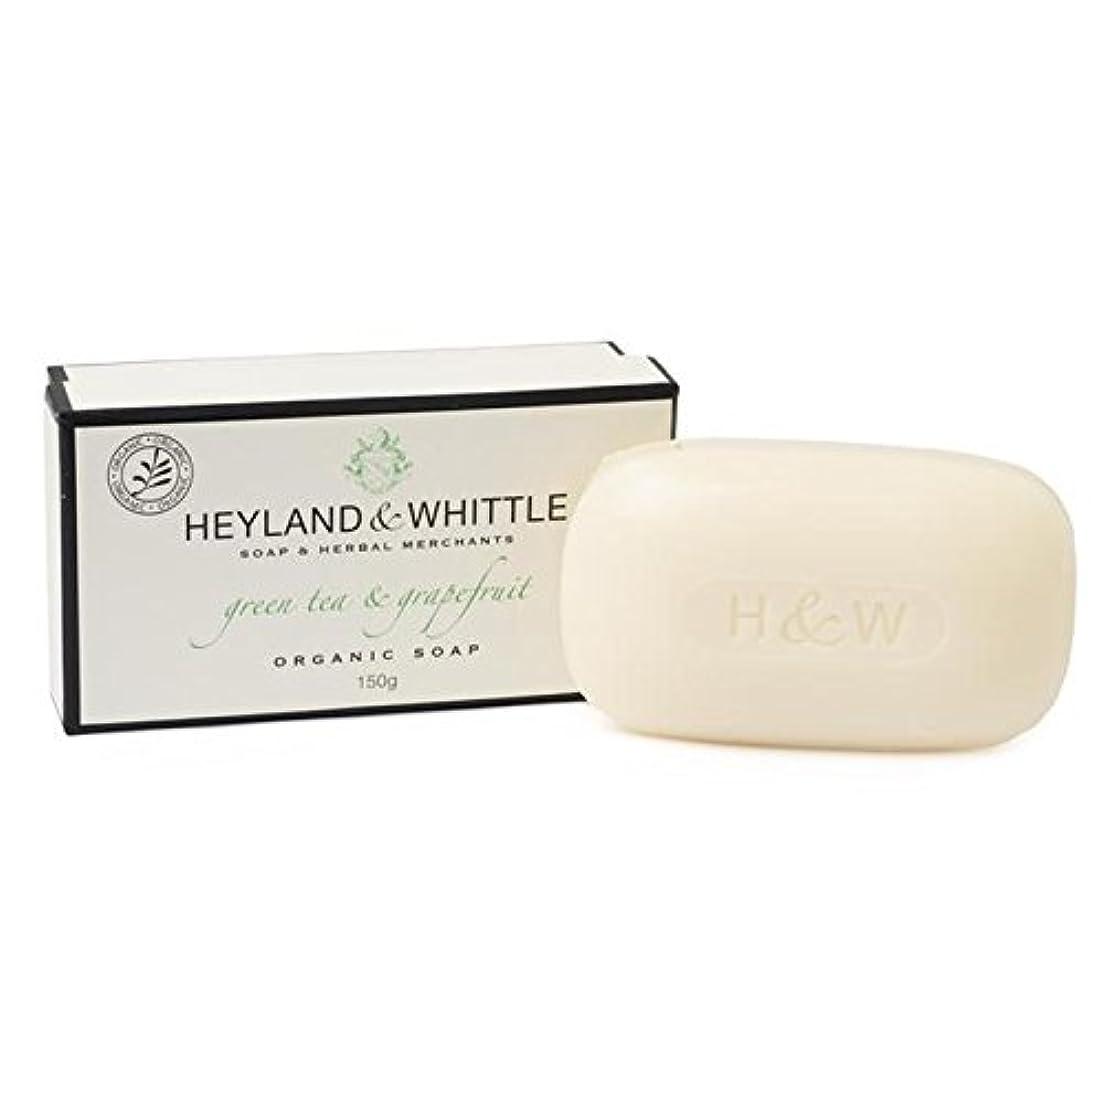 マインドフル正気自伝&削る緑茶&グレープフルーツはオーガニックソープ150グラム箱入り x4 - Heyland & Whittle Green Tea & Grapefruit Boxed Organic Soap 150g (Pack...